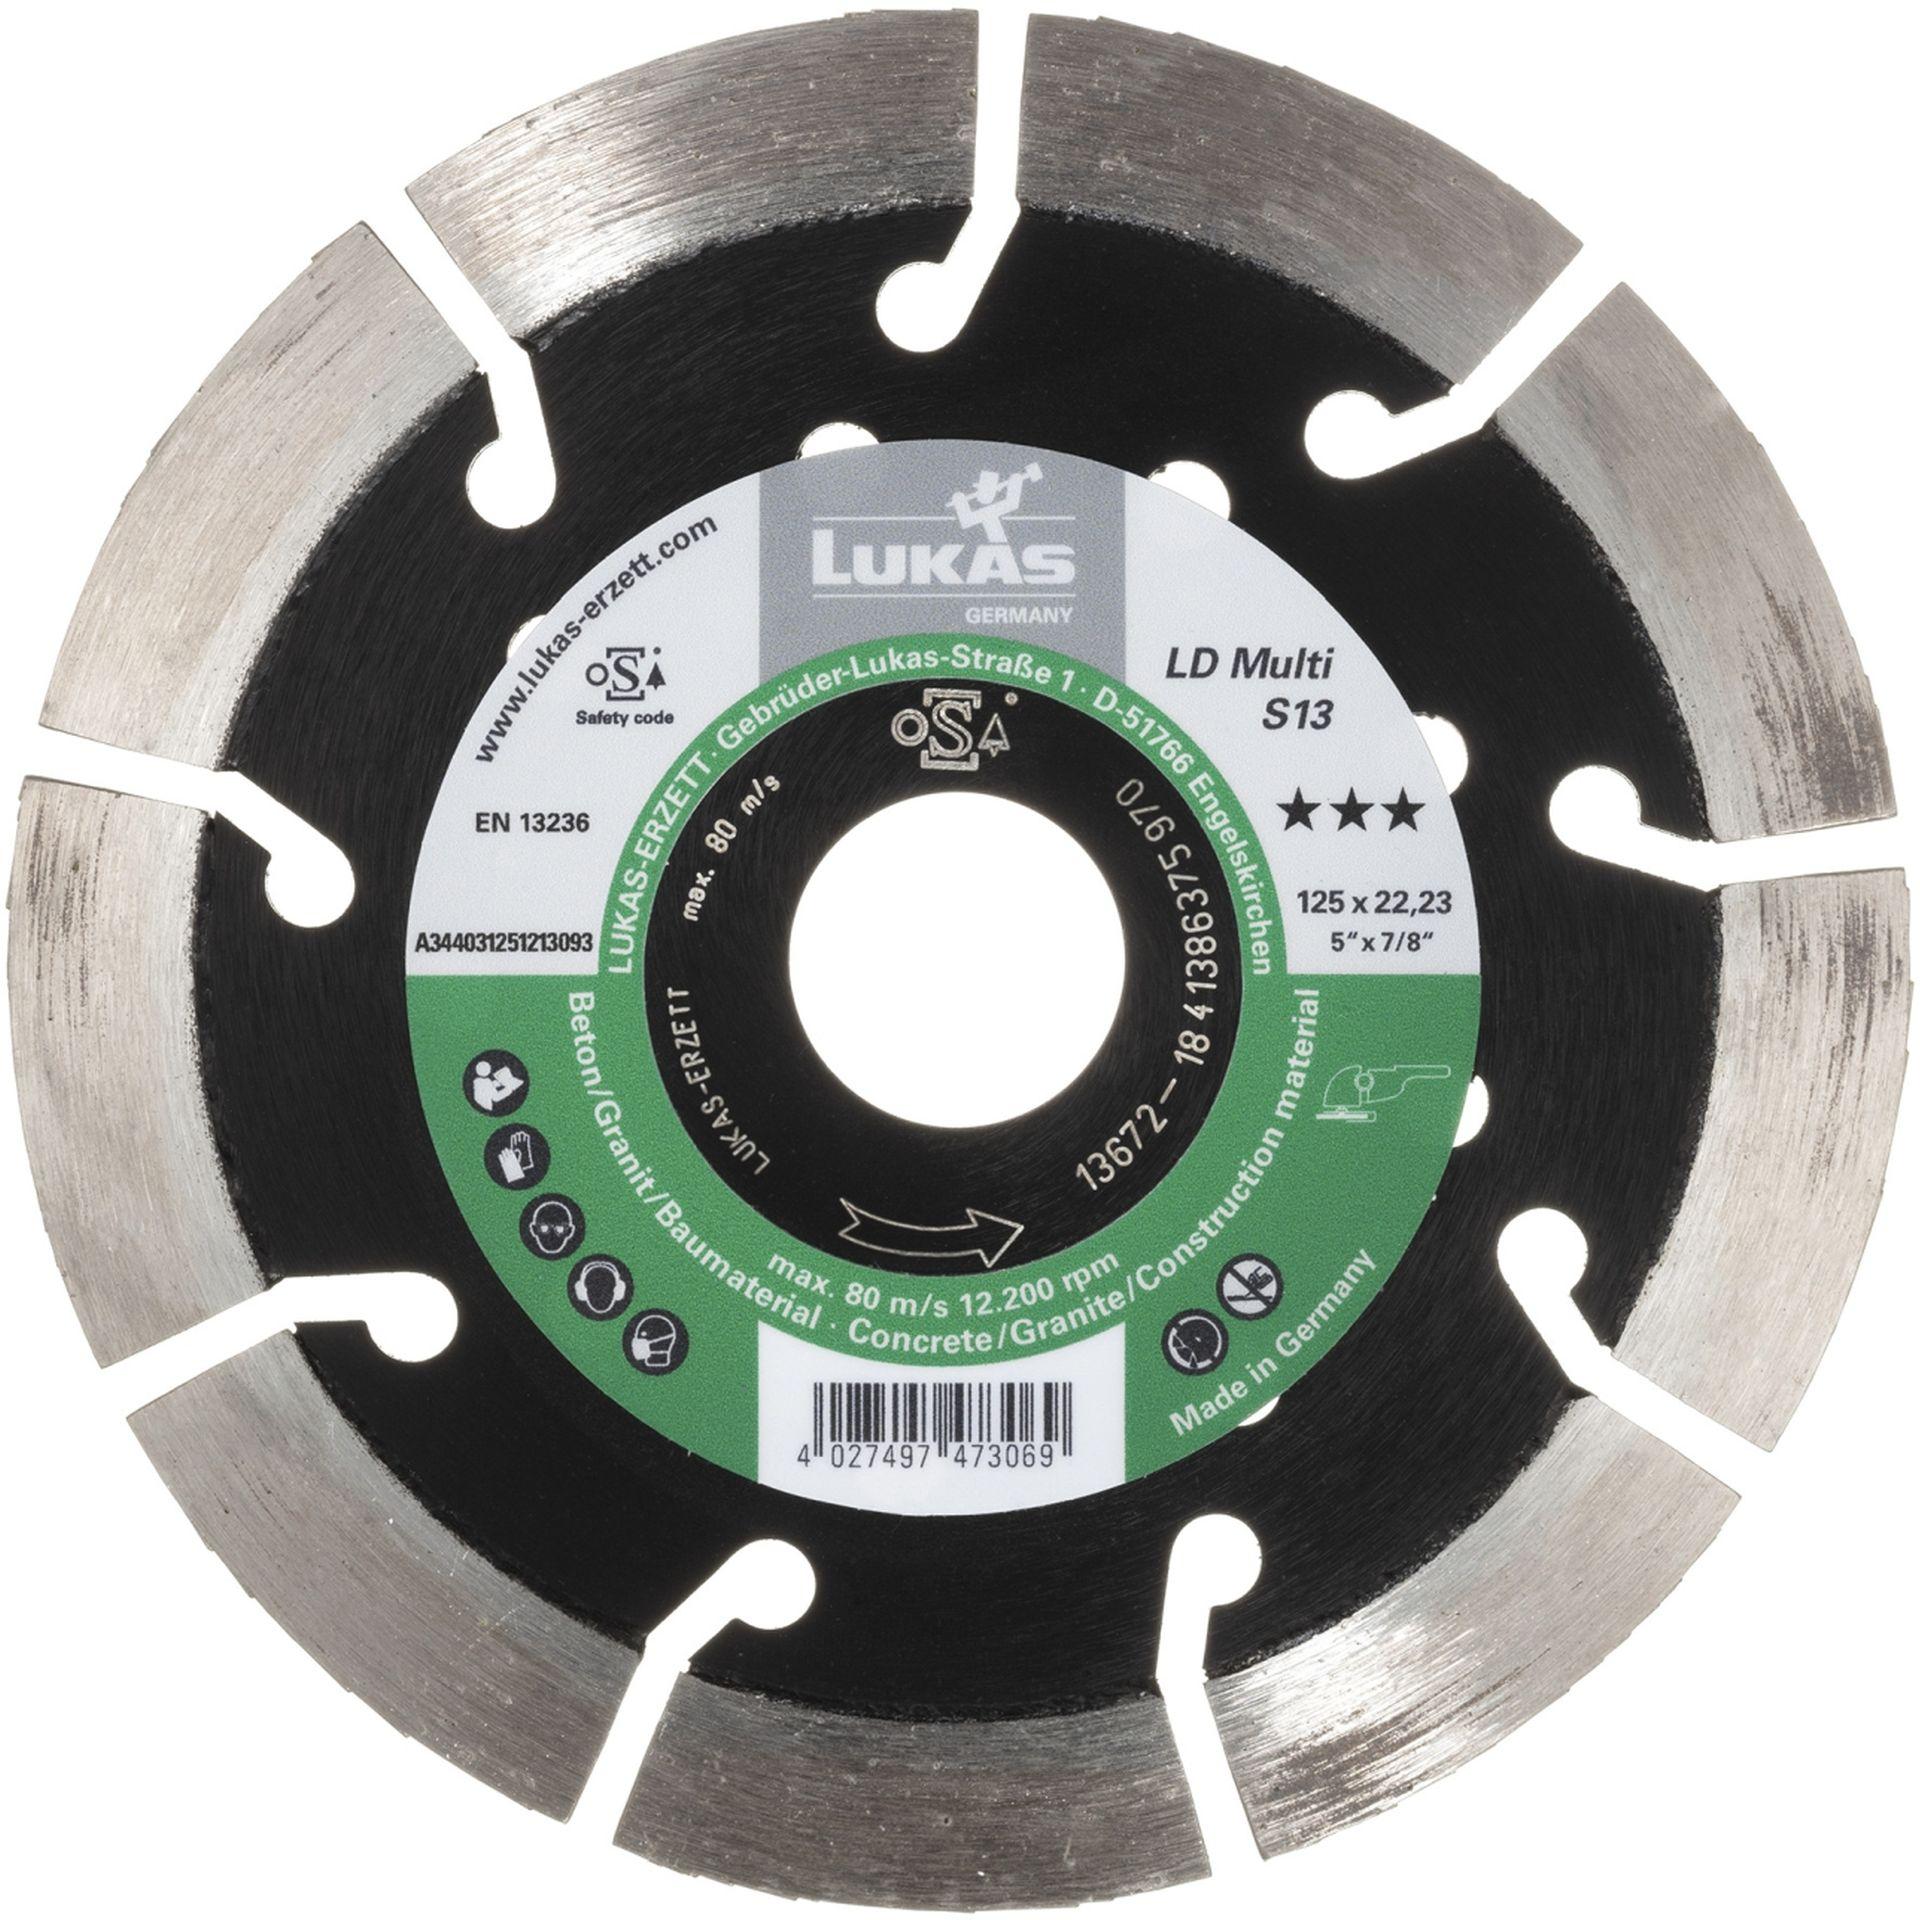 LUKAS Diamanttrennscheibe LD Multi S13 für Beton/ Baumaterial Ø 115 mm